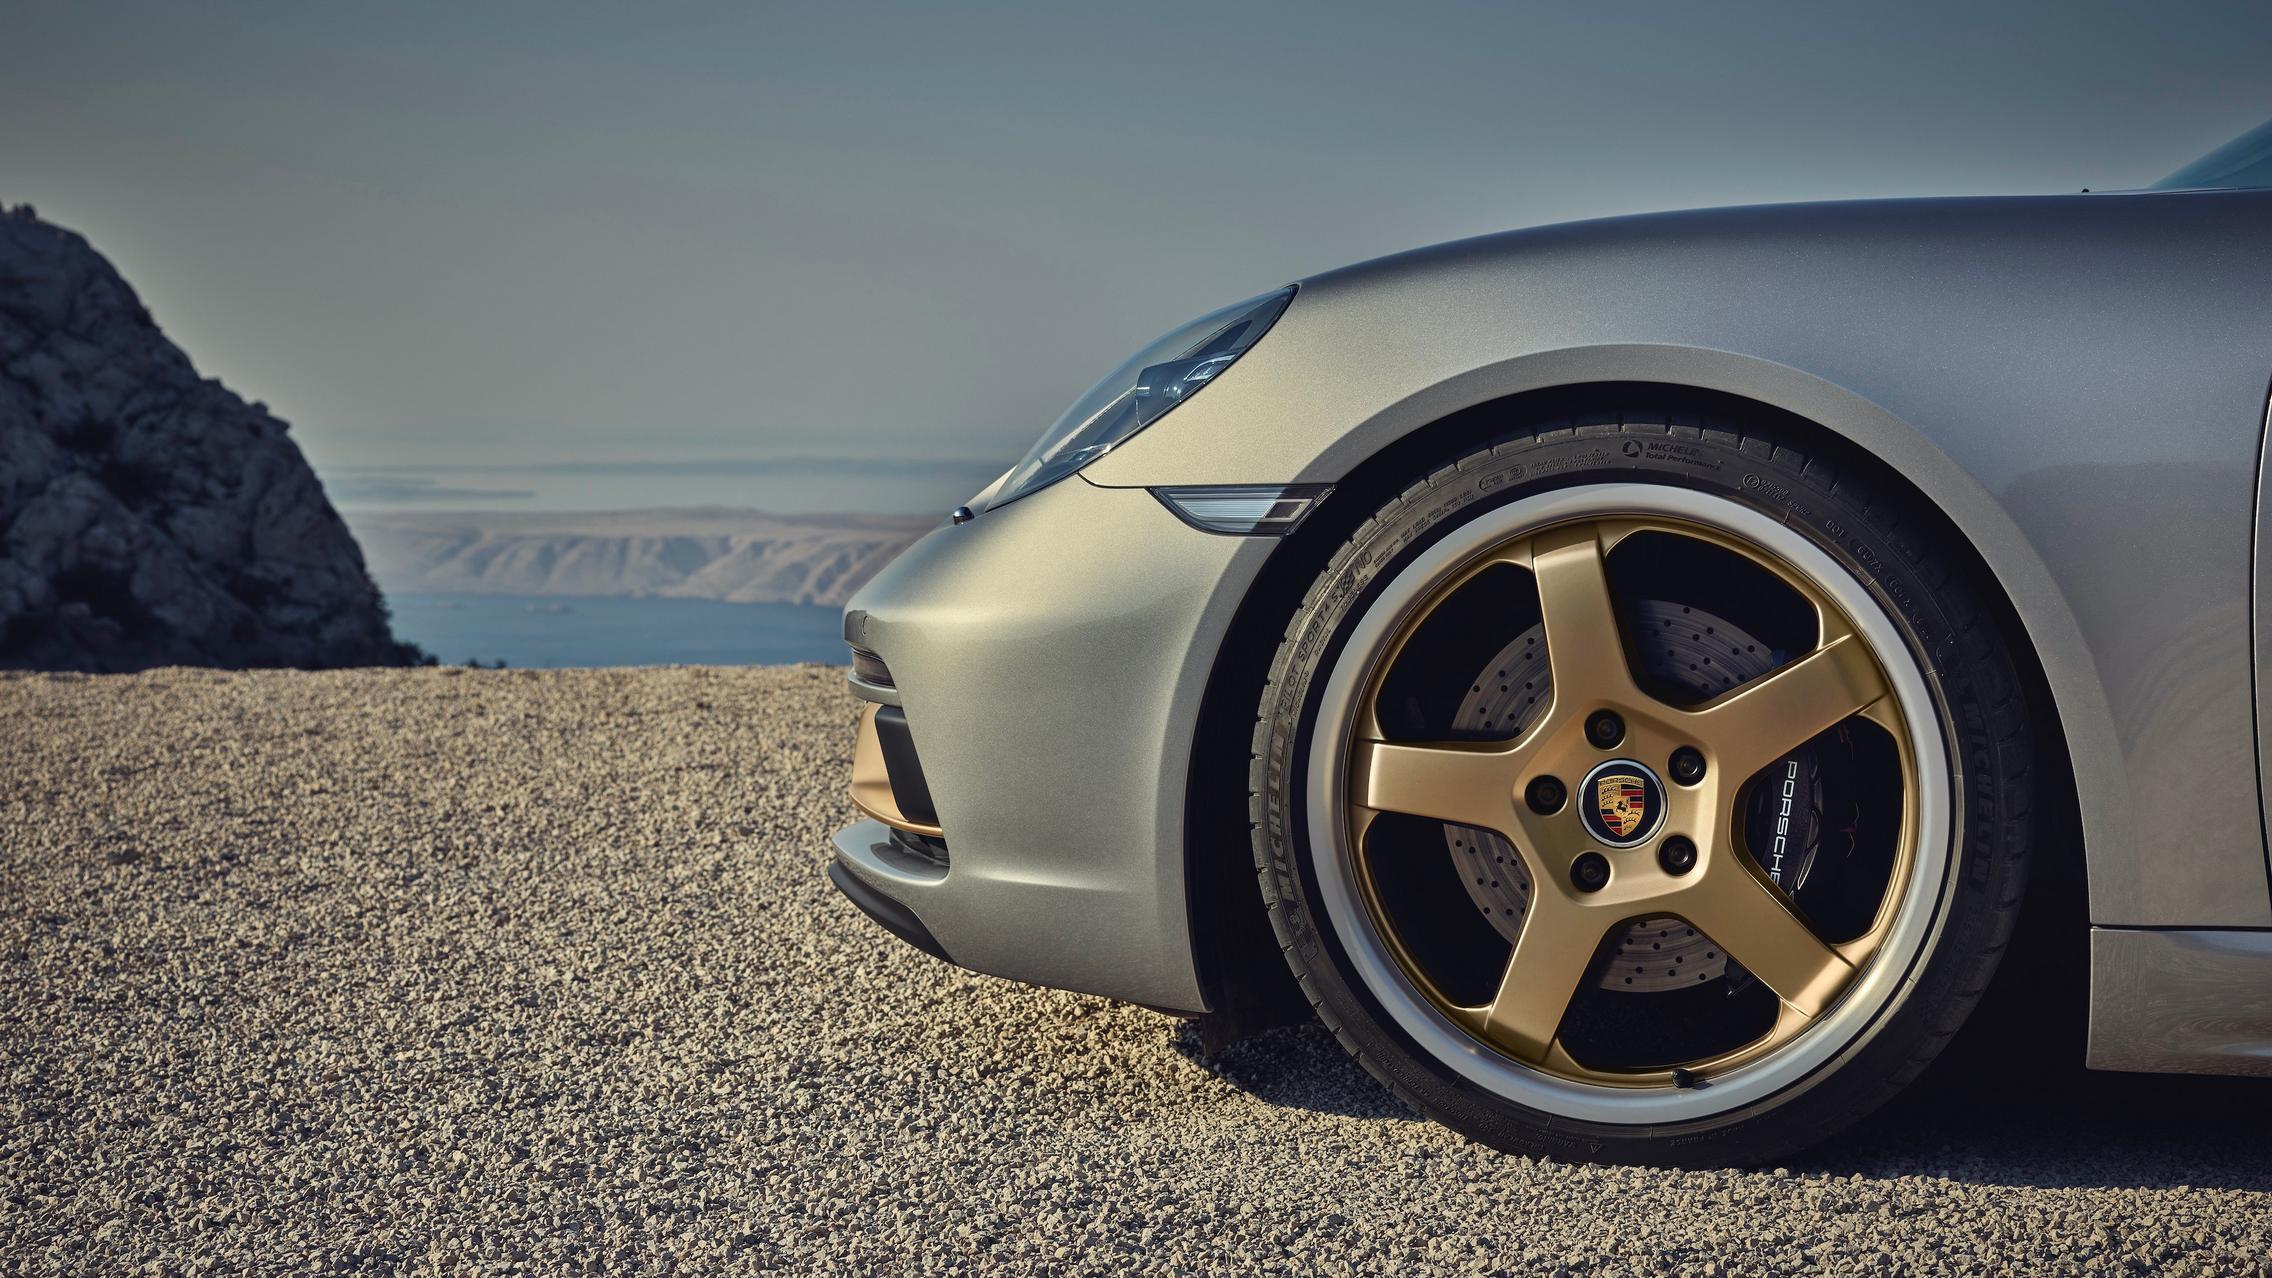 Porsche Boxster Wheels